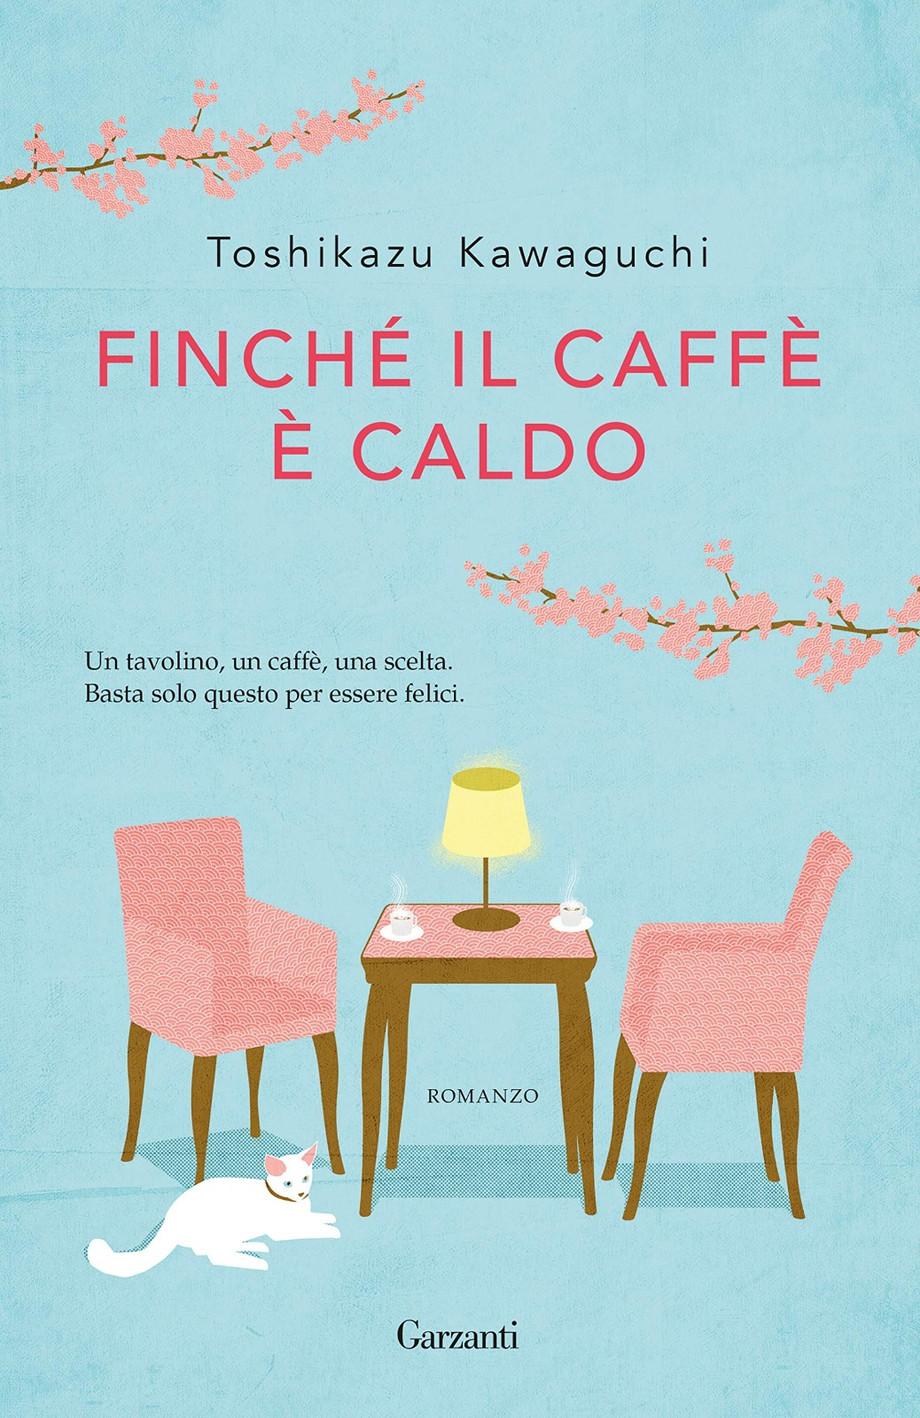 """La madeleine sa di espresso per Toshikazu Kawaguchi nel suo libro """"Finché il caffè è caldo"""""""